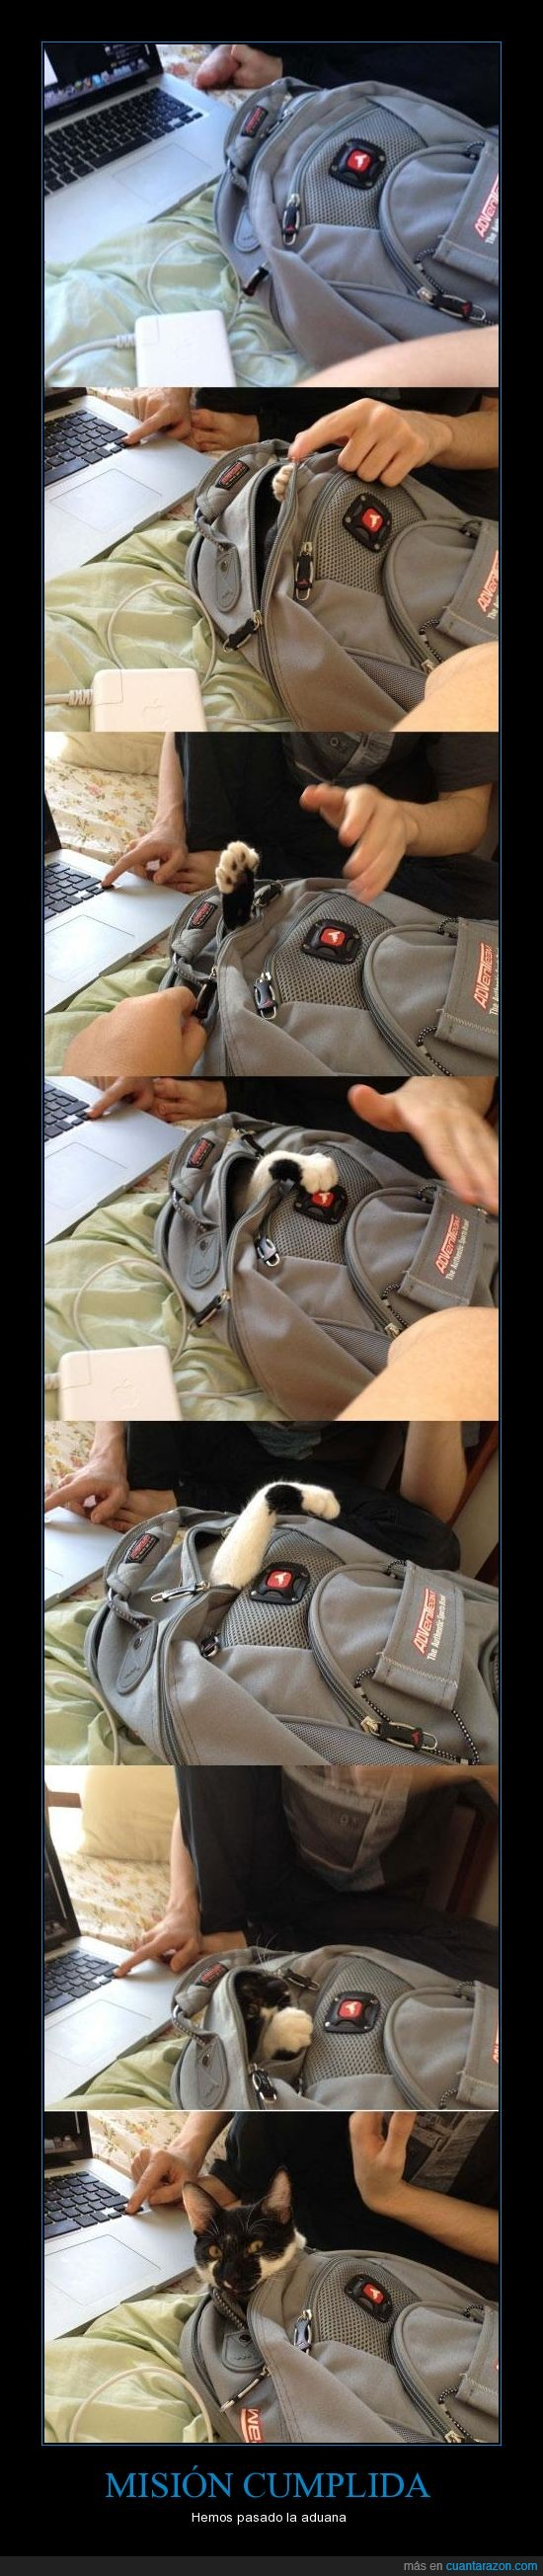 contrabando,esconder,gato,mochila,ninja,viaje